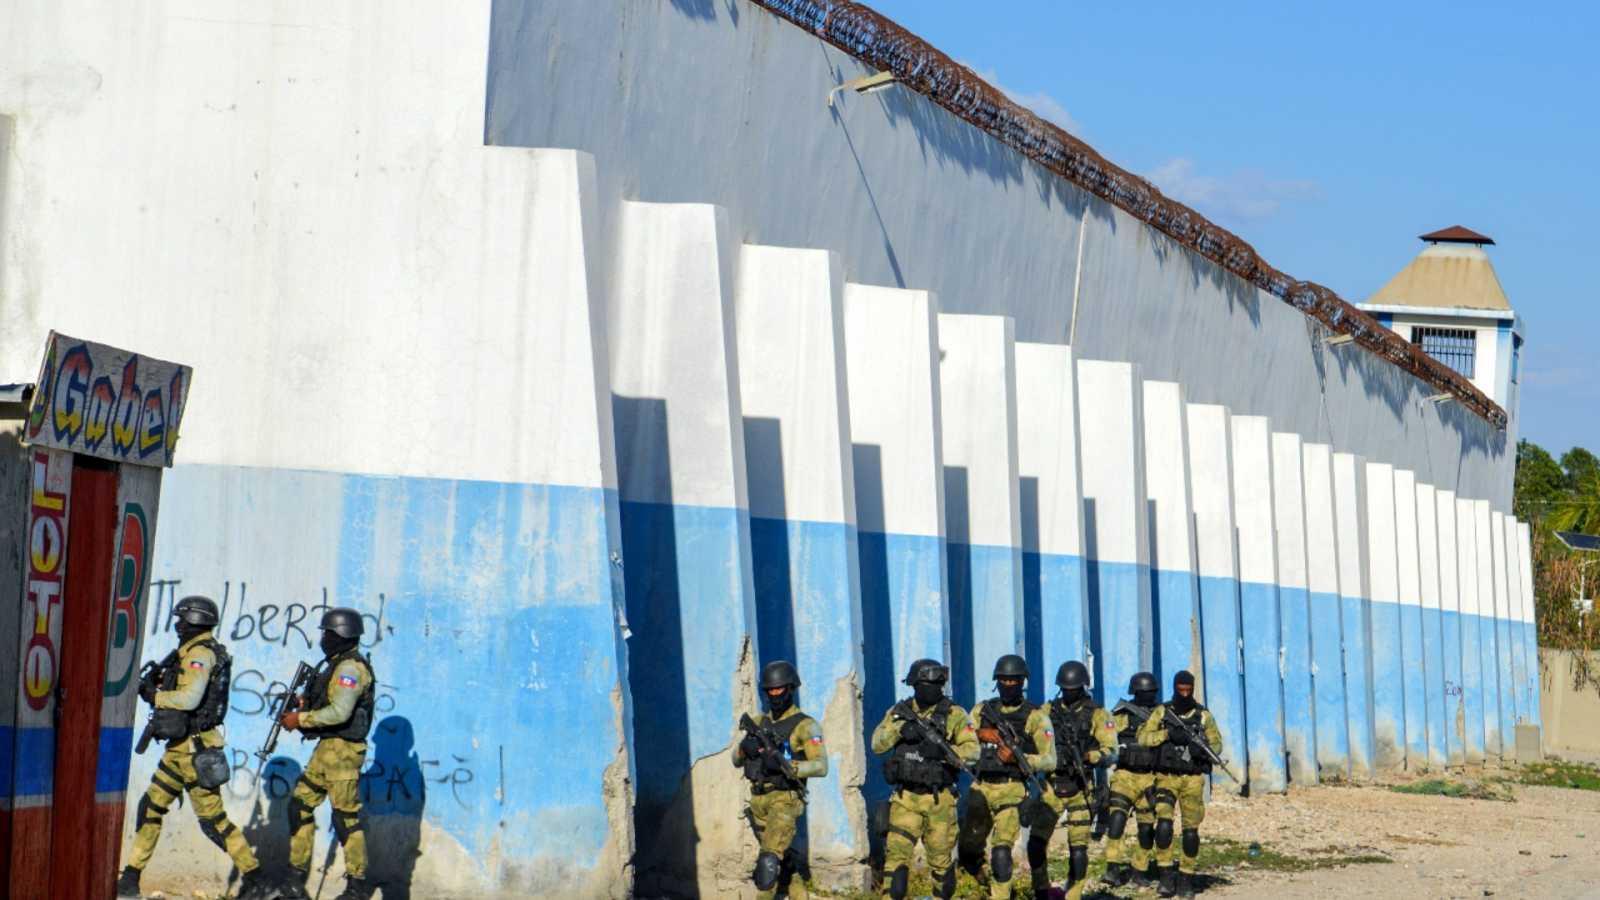 Sube a 25 cifra de muertos por motín en cárcel de Haití y cuentan 400 reos fugados